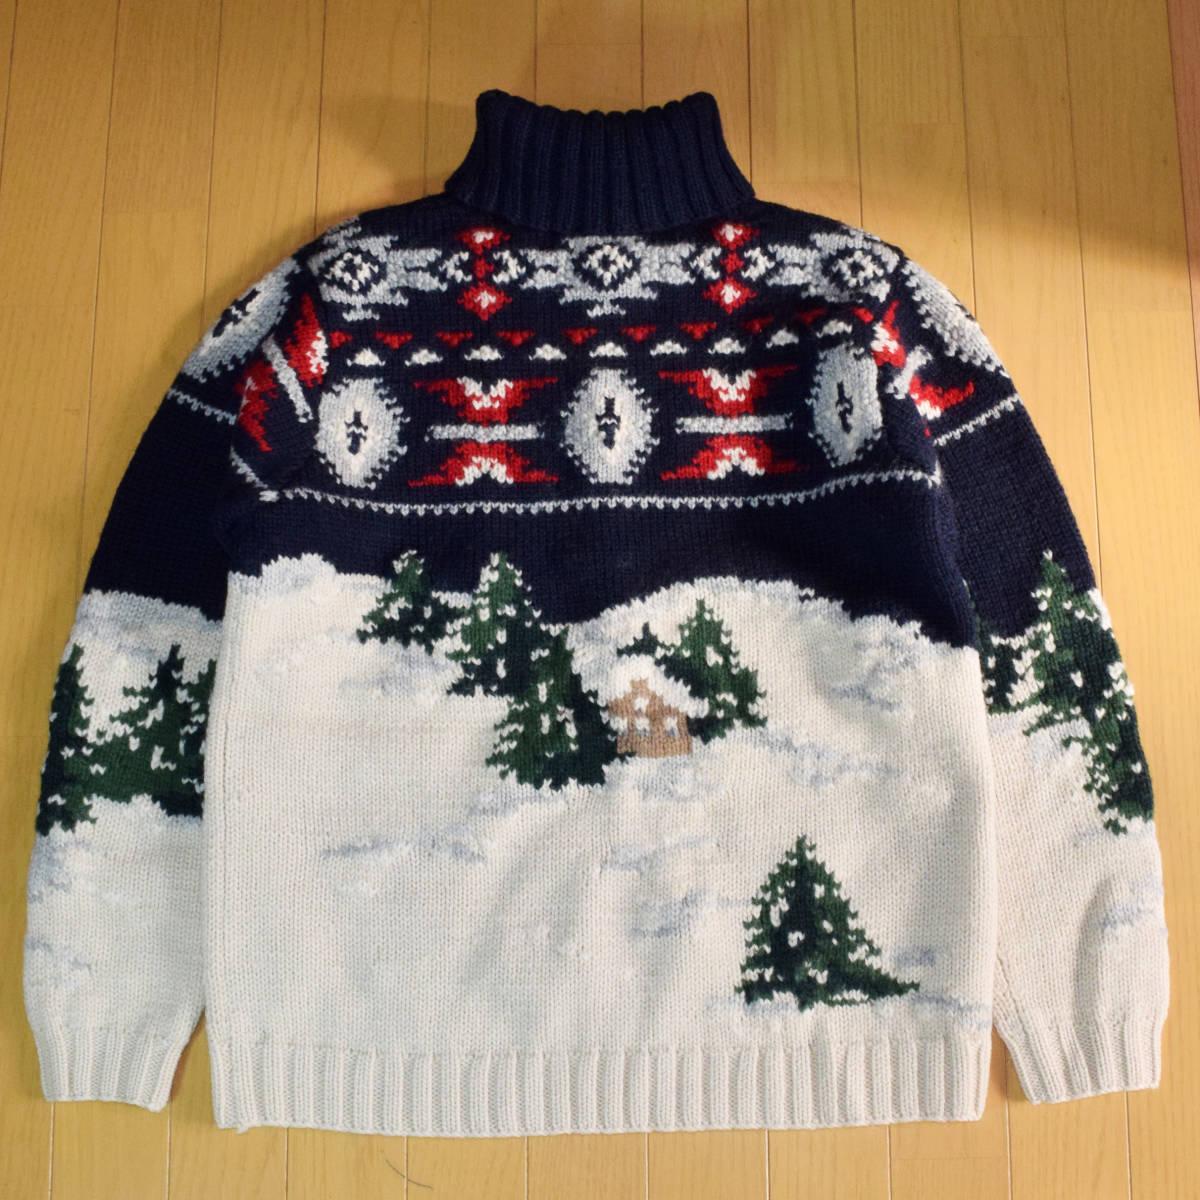 美品◆ラルフローレン ネイティブ ハンドニット 厚手 タートルネック セーター メンズS M 犬 インディアン 雪 古着 ビンテージ 80s 90s_画像6